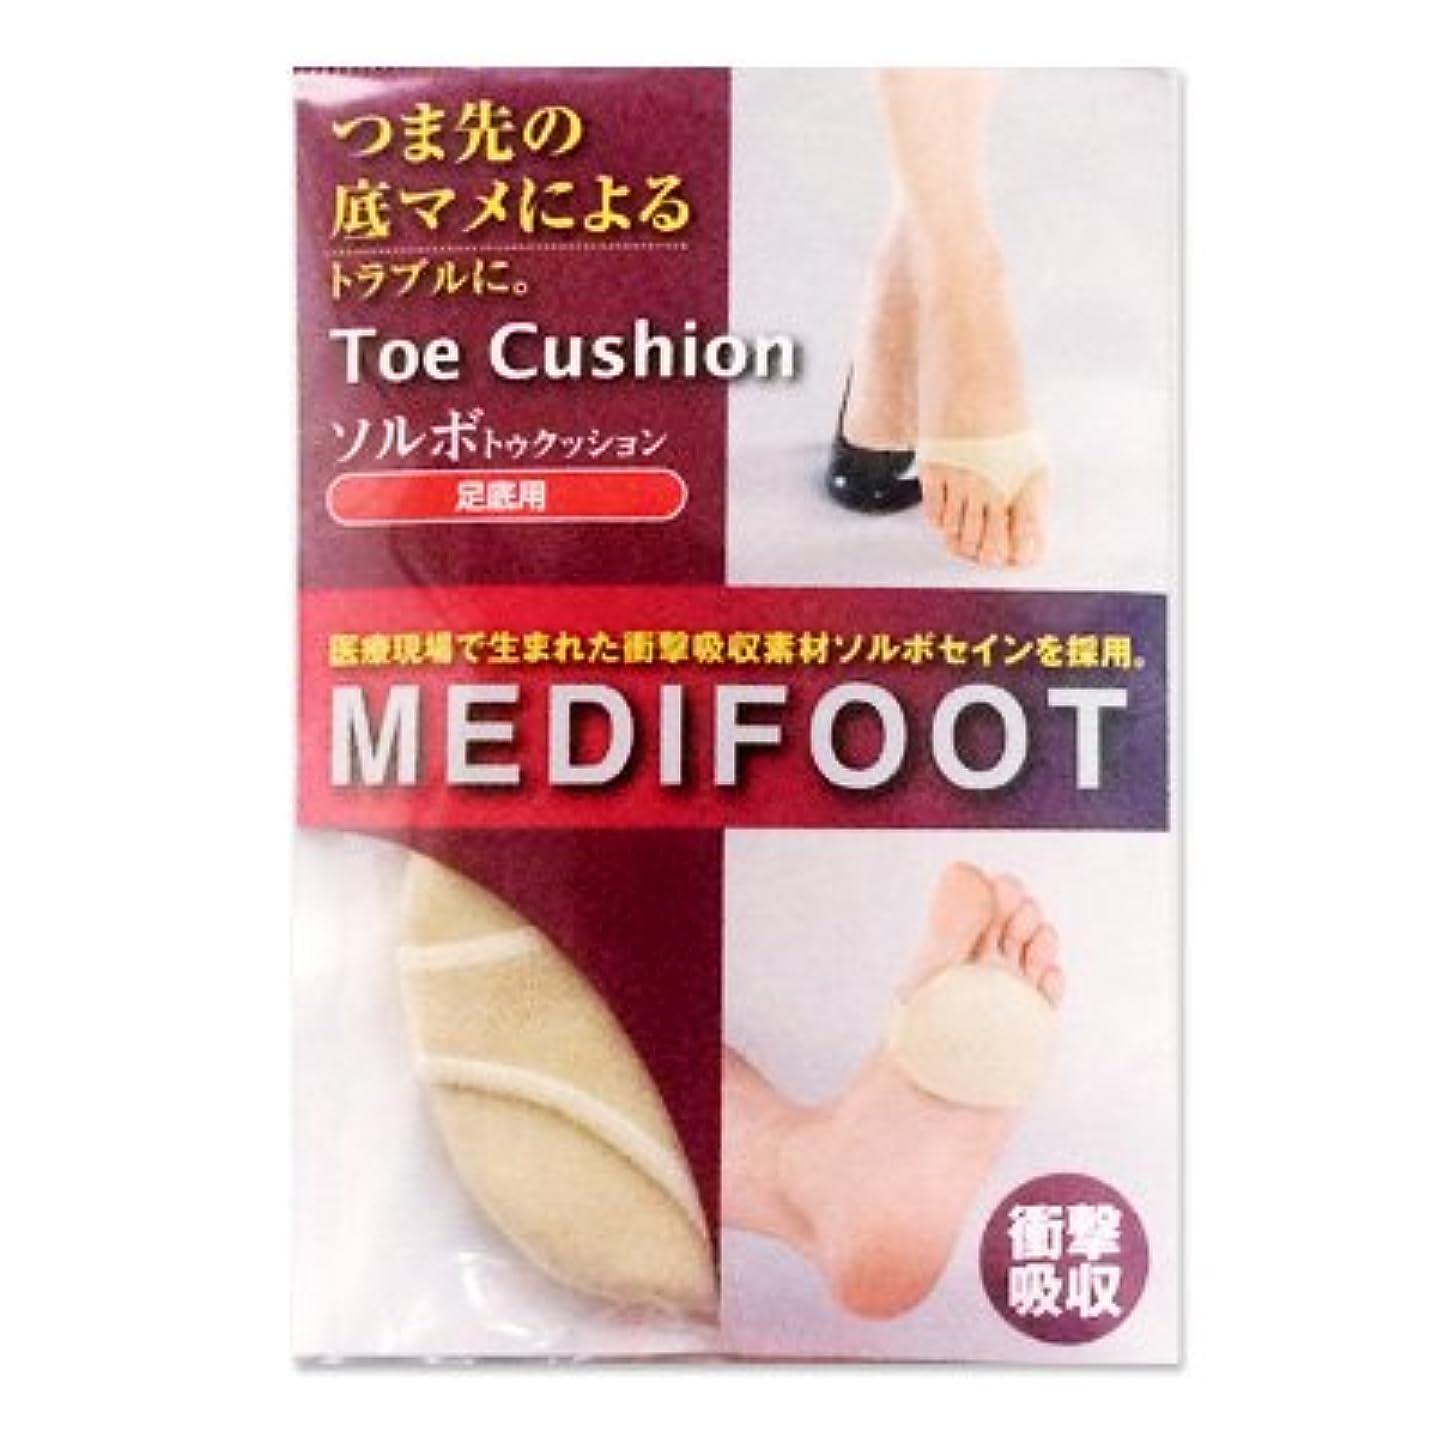 ジャニス内なる金銭的なソルボ トゥクッション 足底用[女性フリーサイズ(22-25cm)]63003